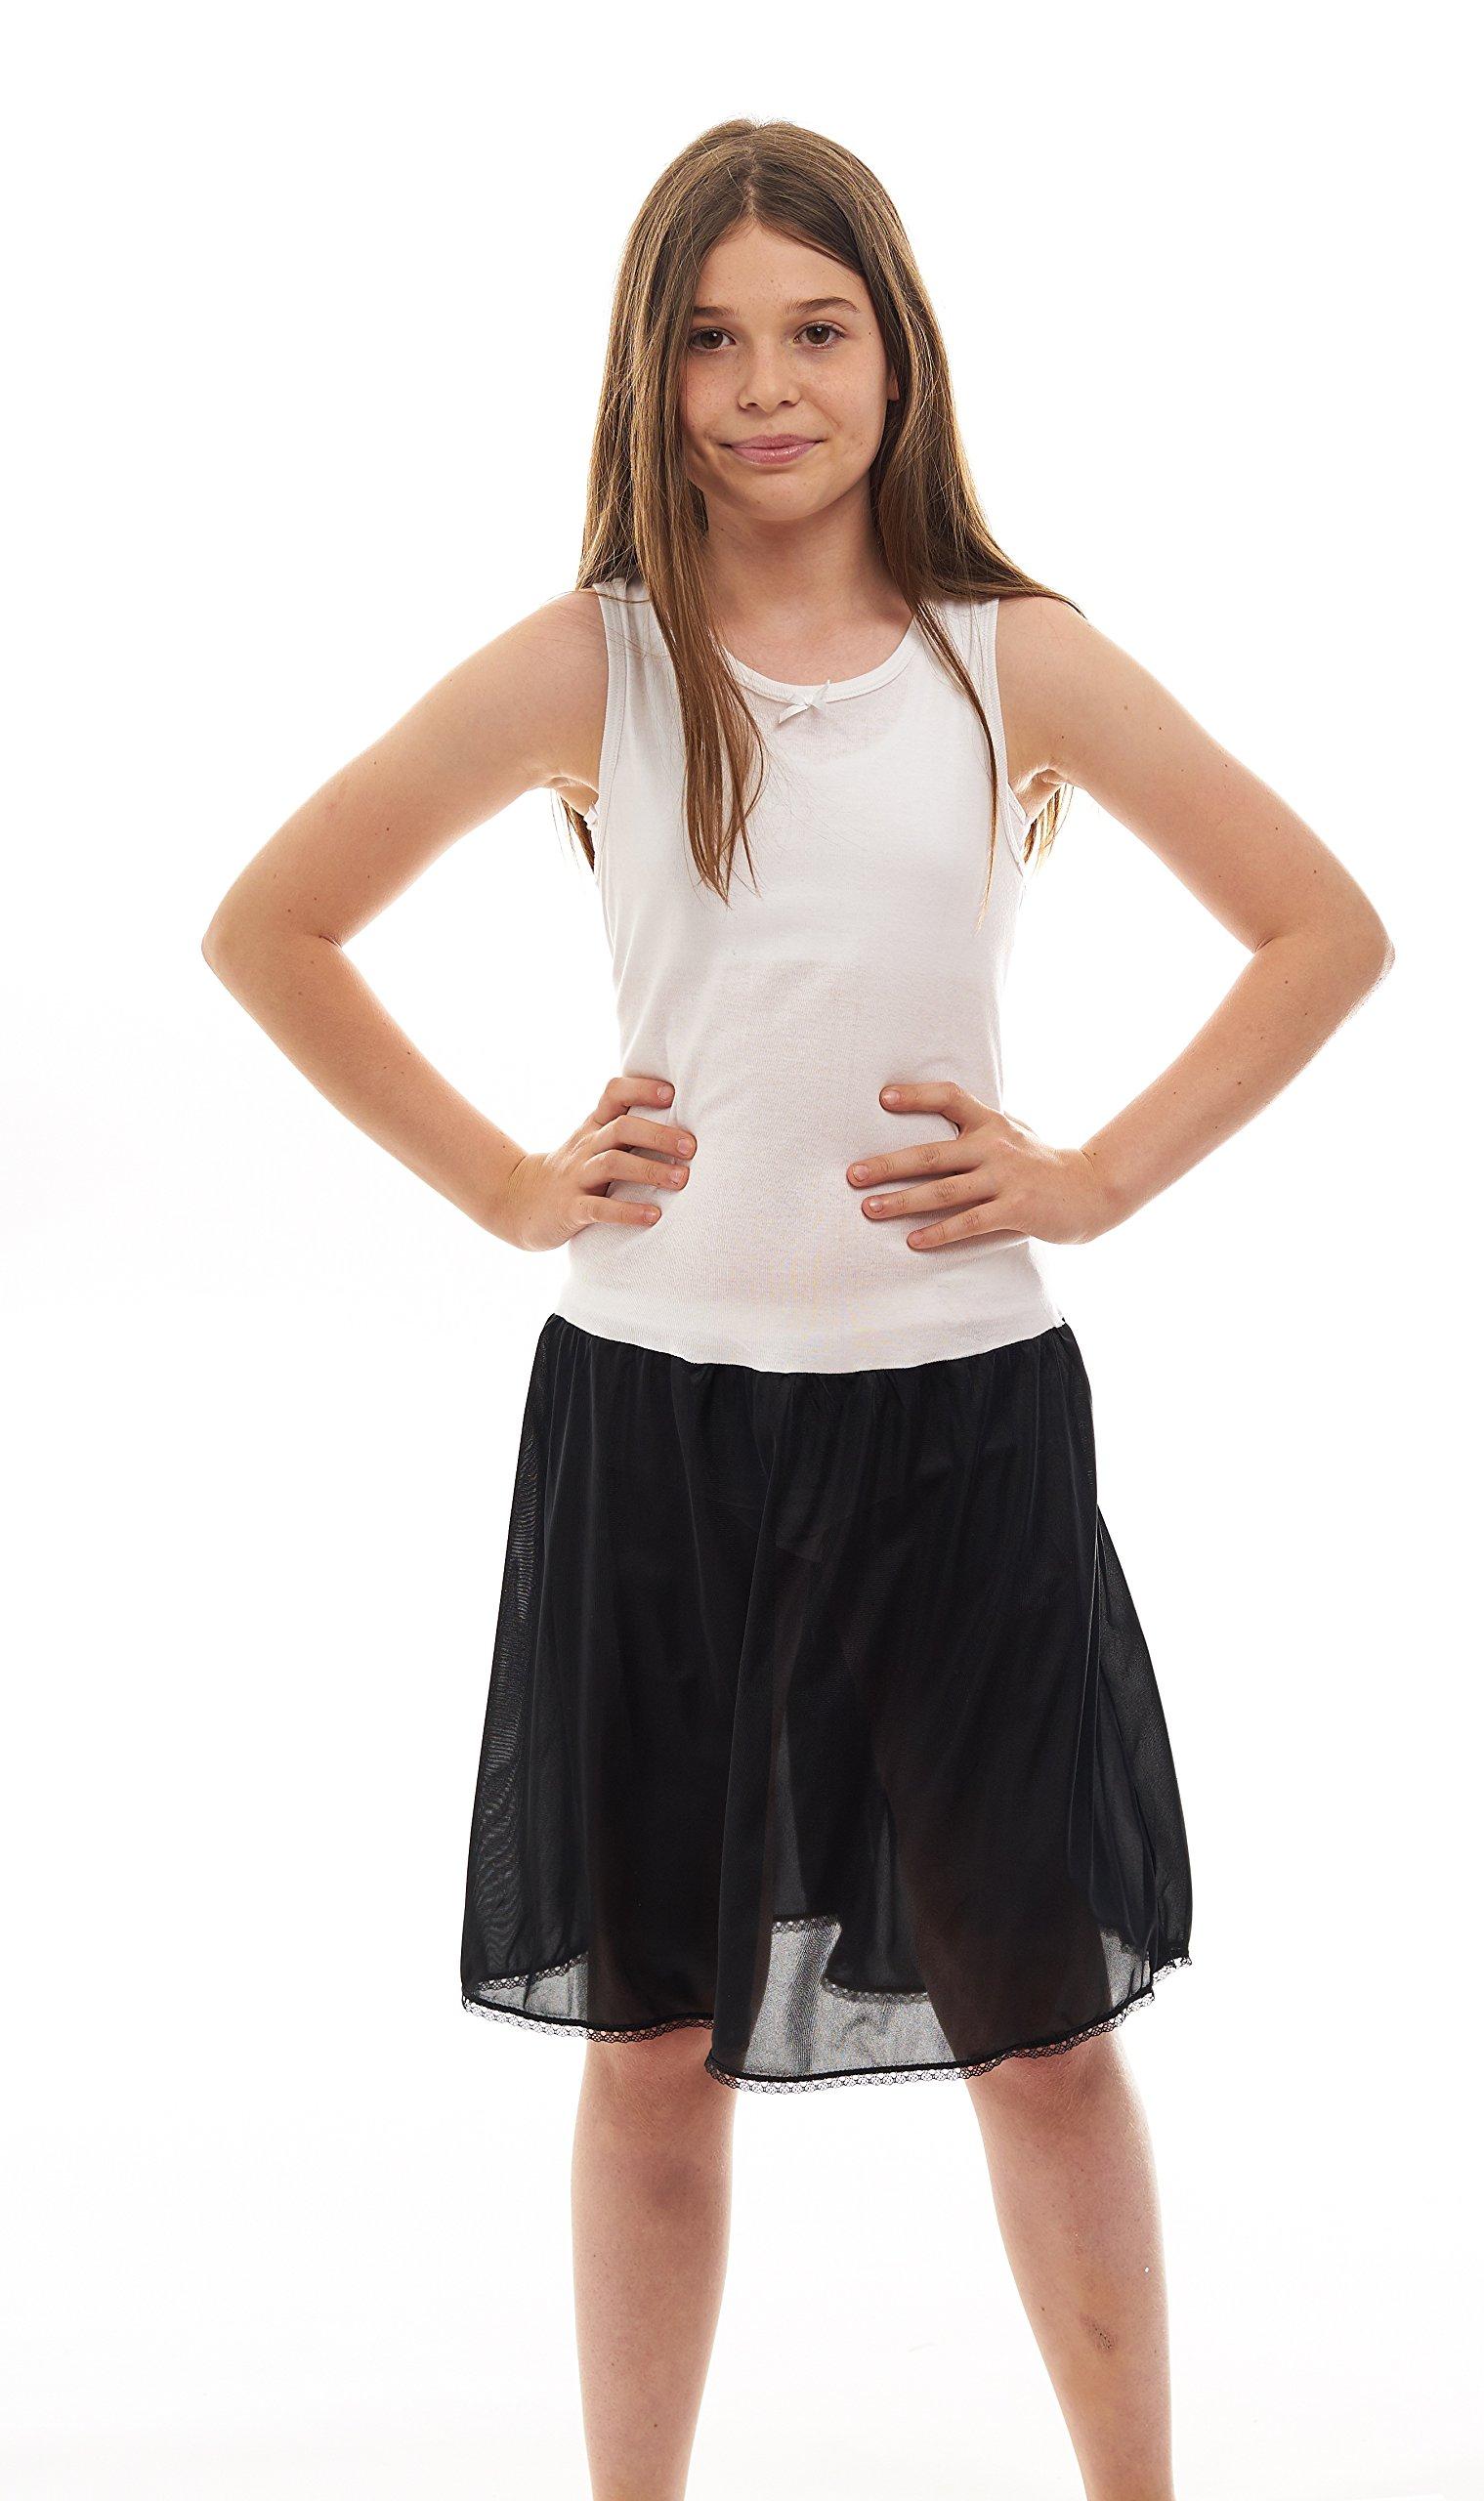 Rossette Sleeveless Full Slip for Girls   Cling Free  Cotton / Nylon Material,White/ Black,8